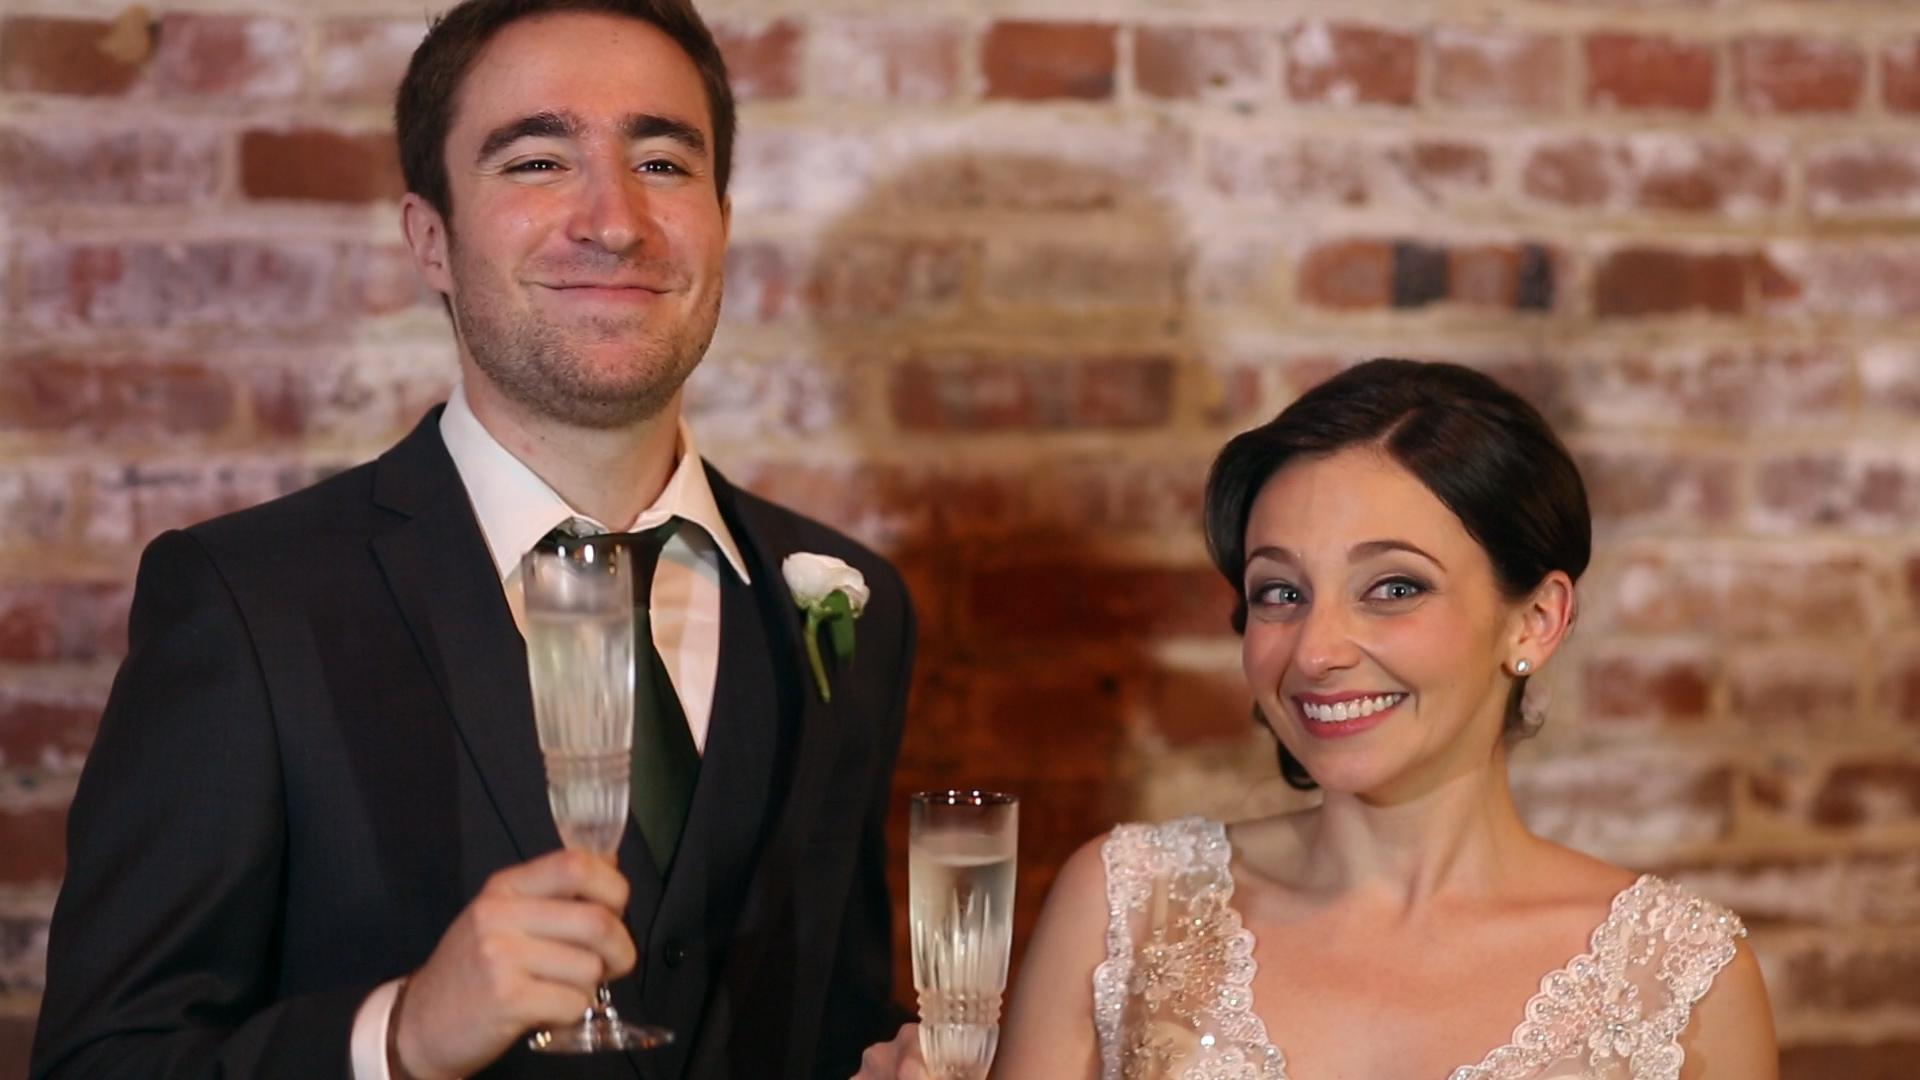 Happy happy wedding!